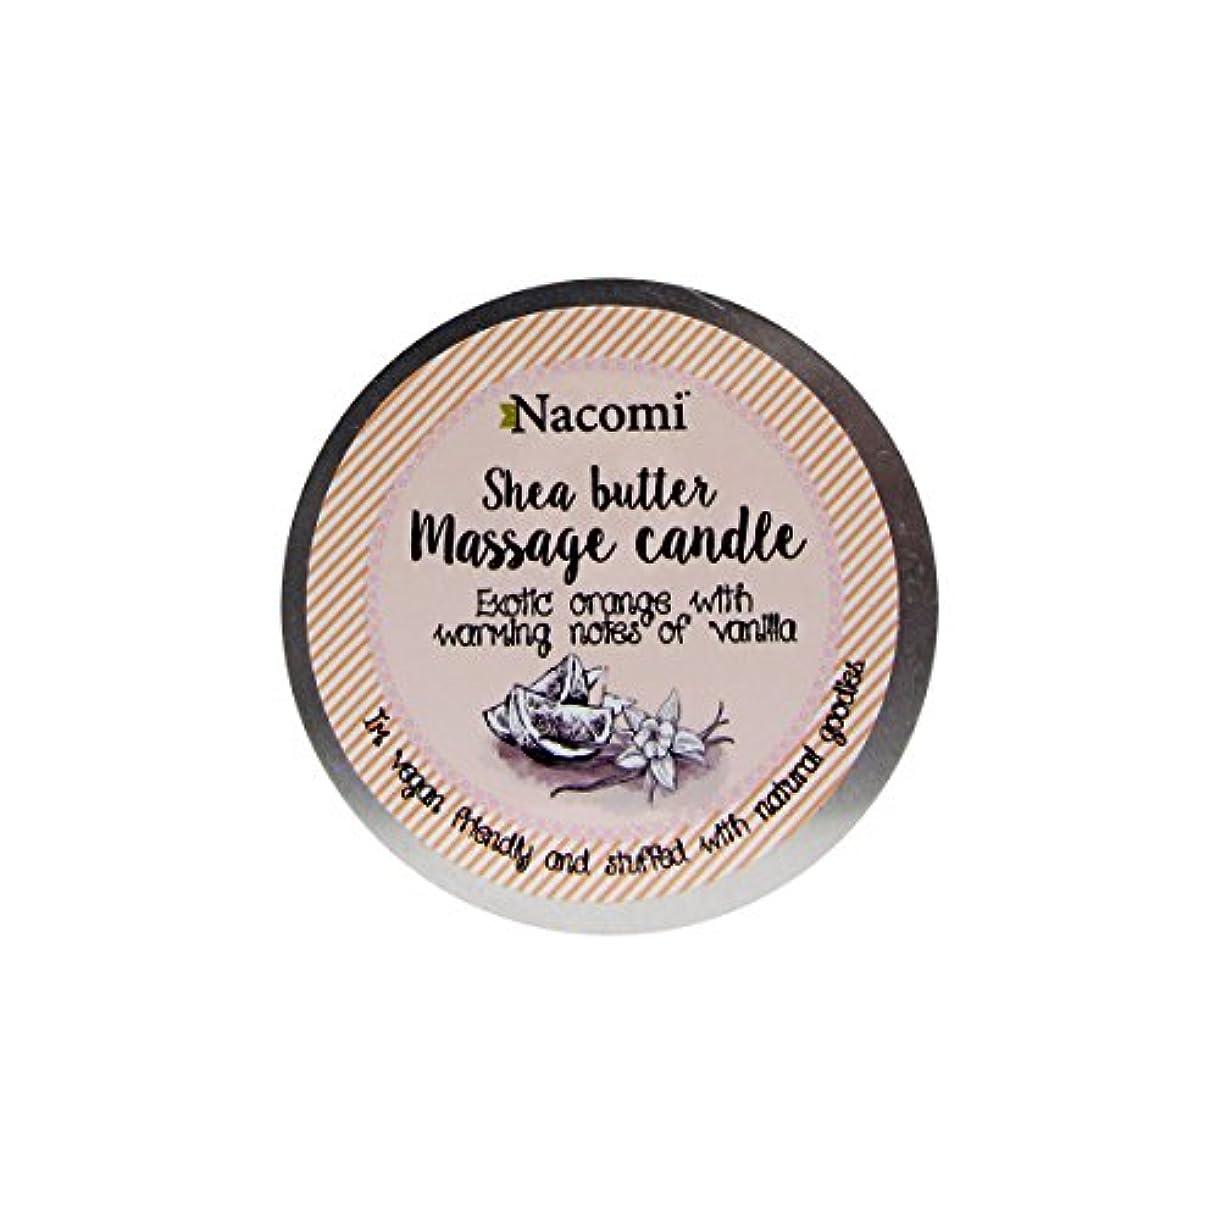 スキャン大陸再現するNacomi Shea Butter Massage Candle Exotic Orange With Warming Notes Of Vanilla 150g [並行輸入品]